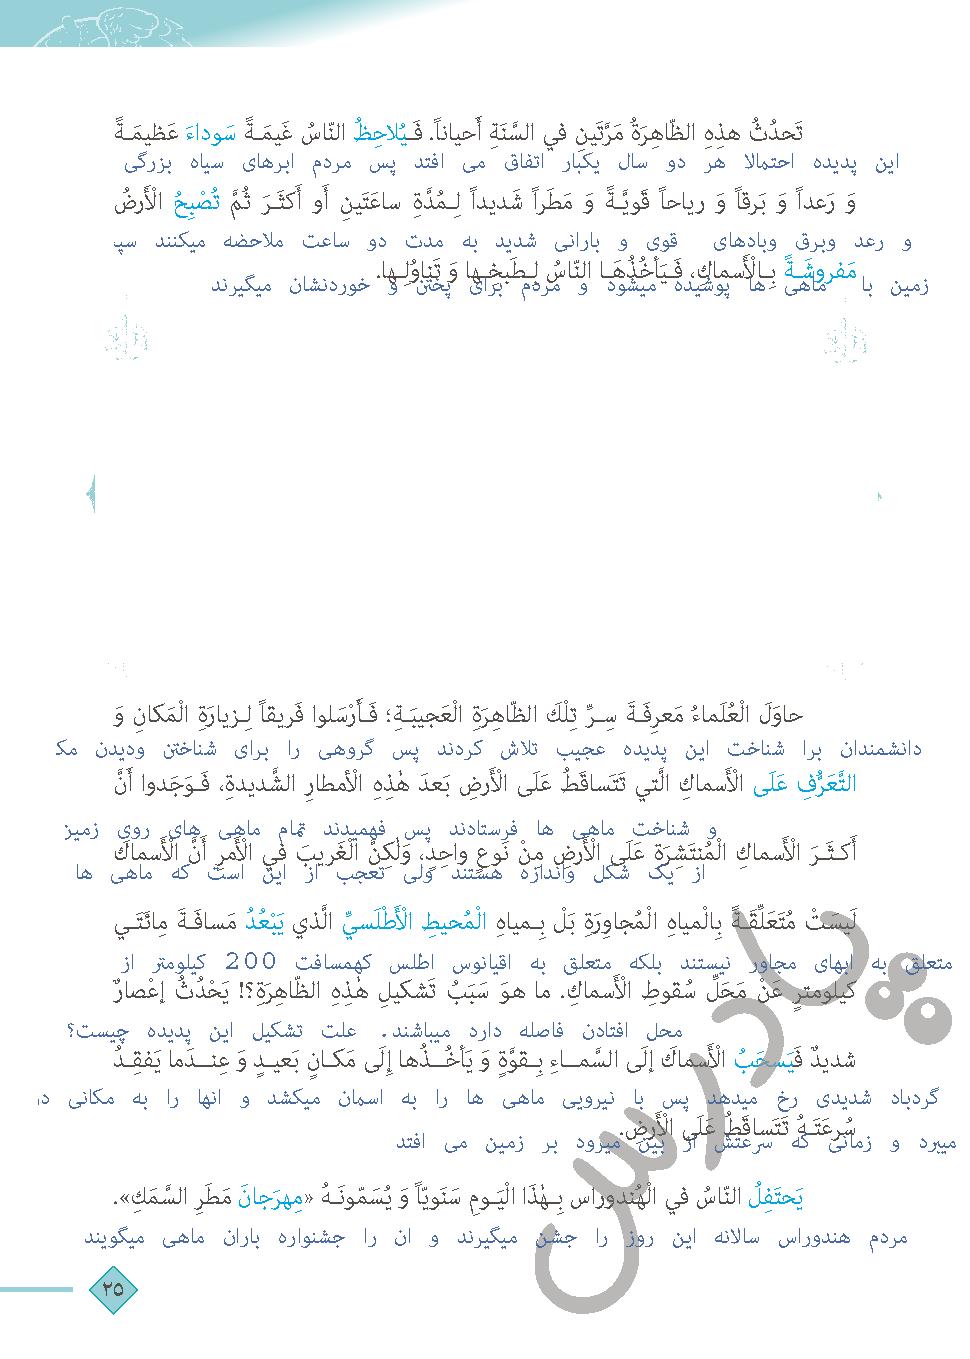 ادامه ترجمه درس سوم عربی دهم انسانی